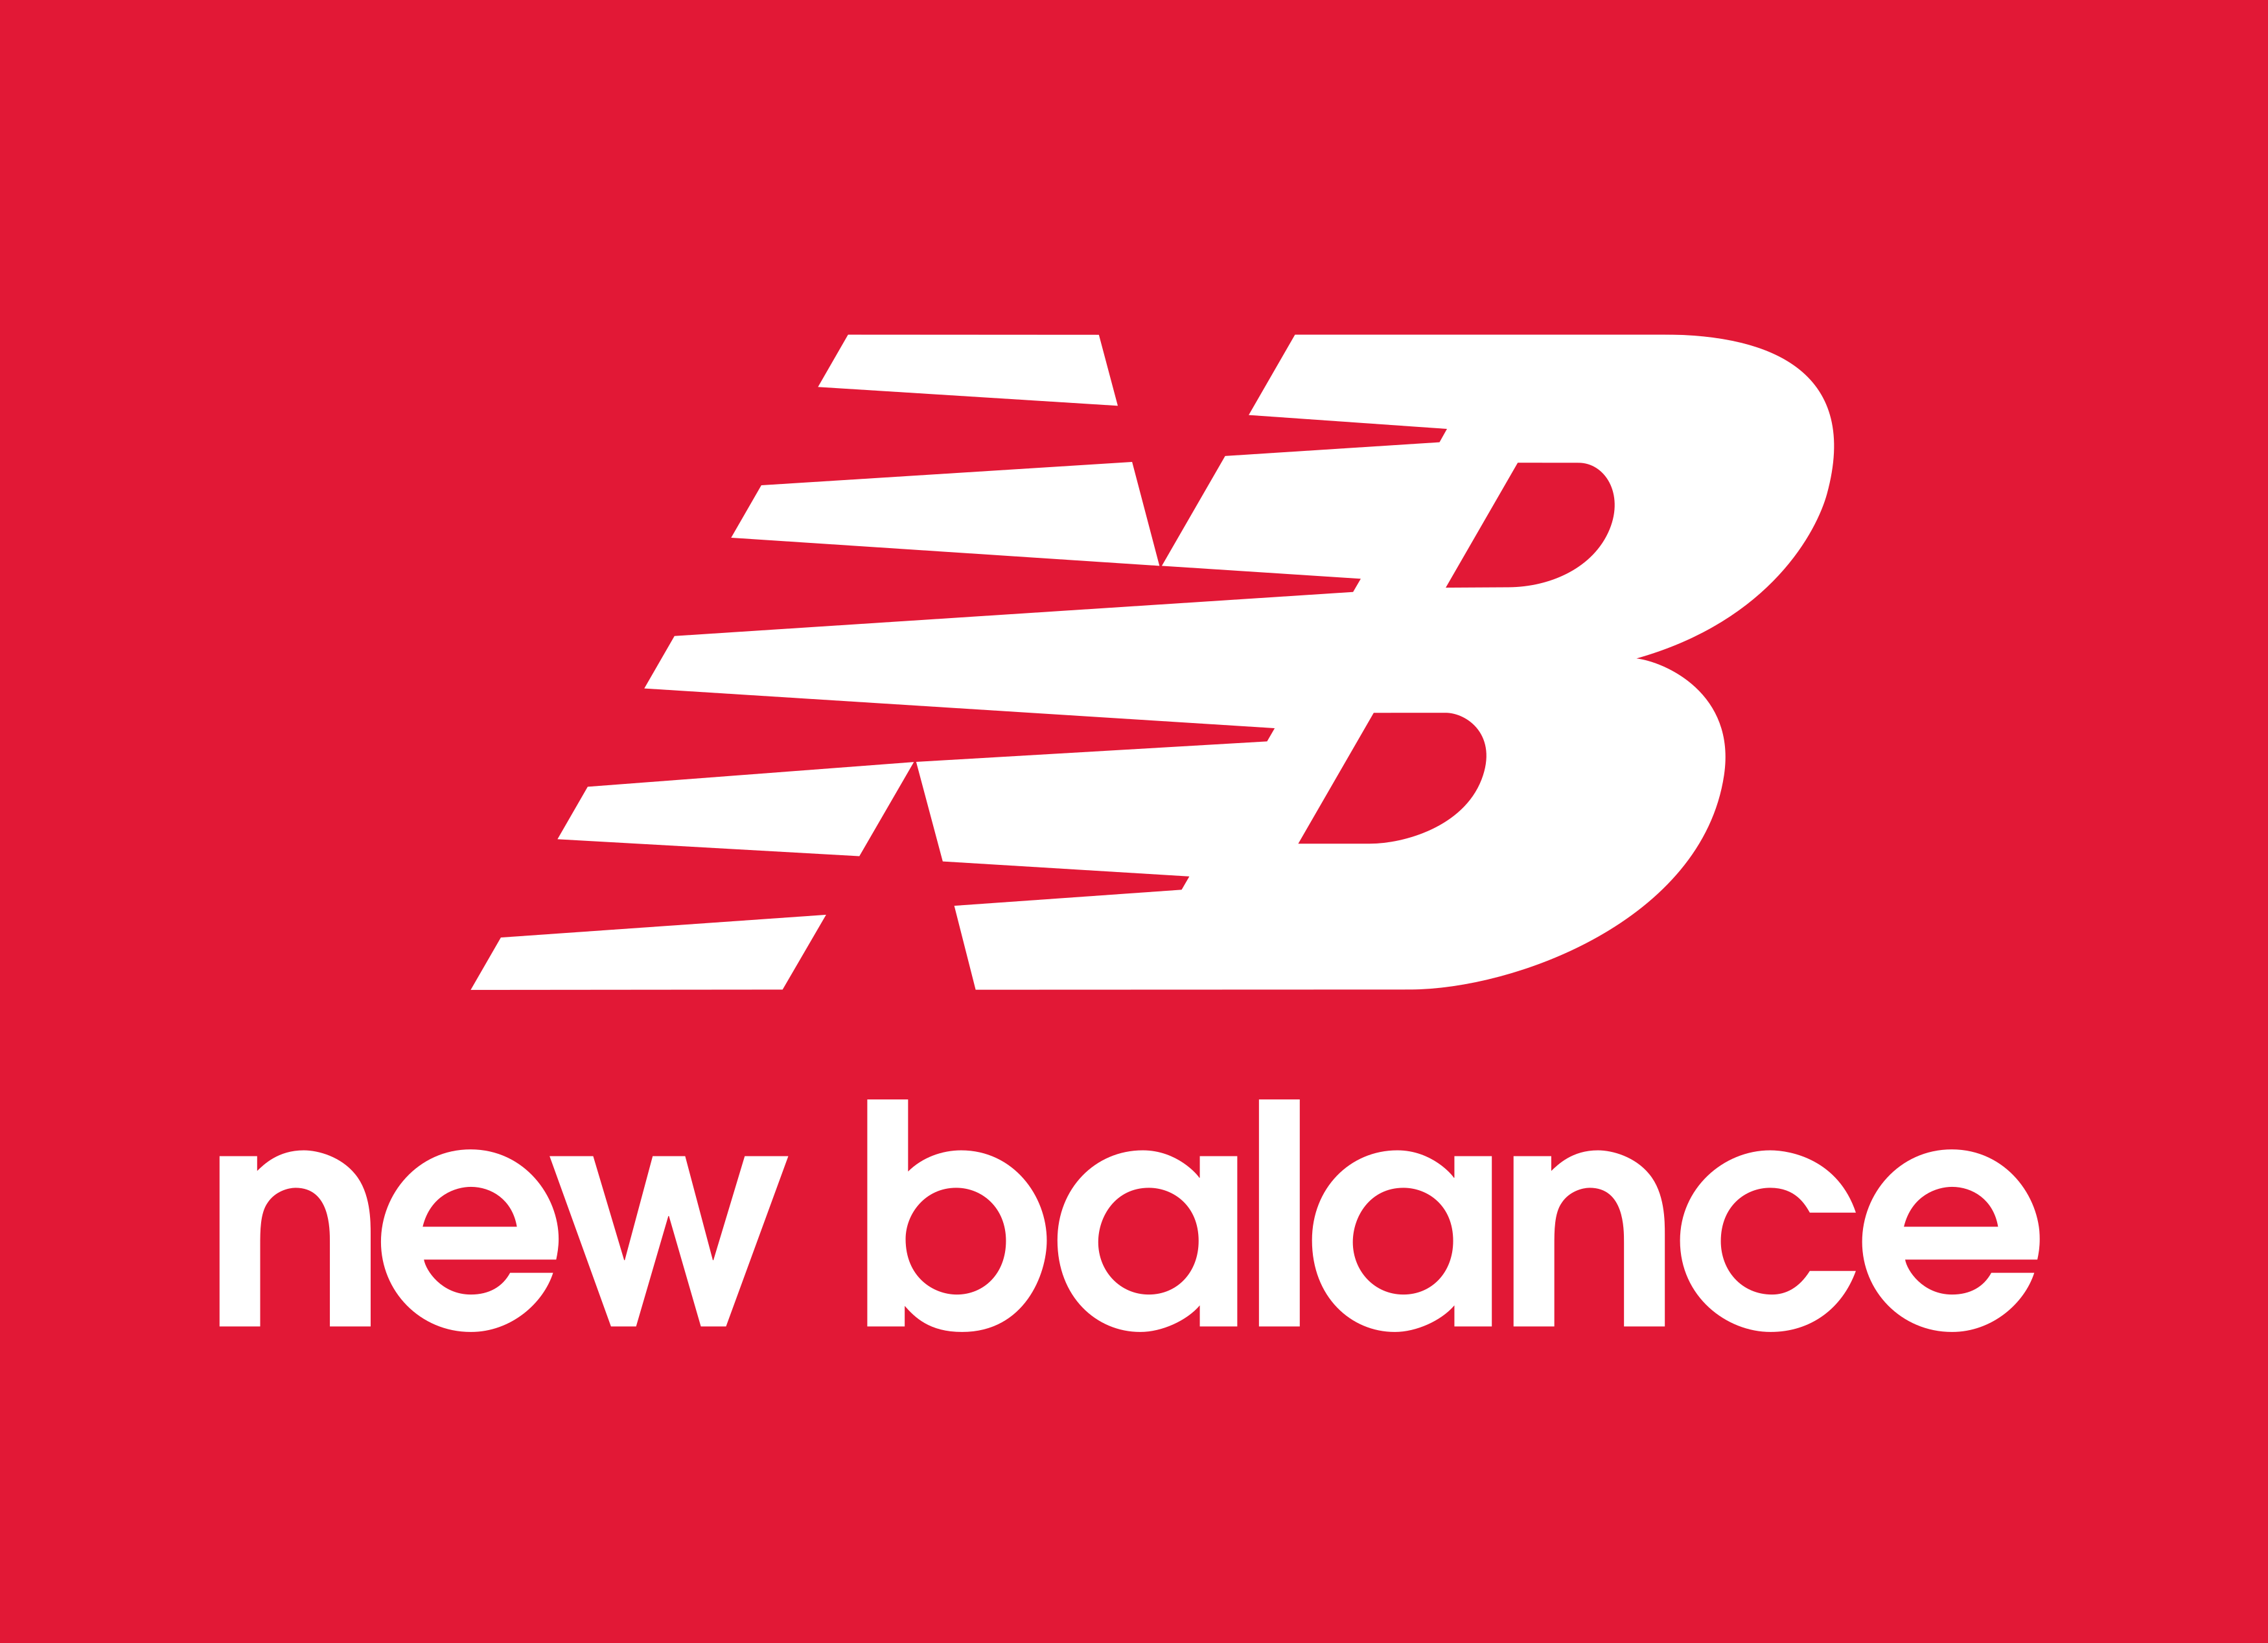 new balance logo 1 - New Balance Logo